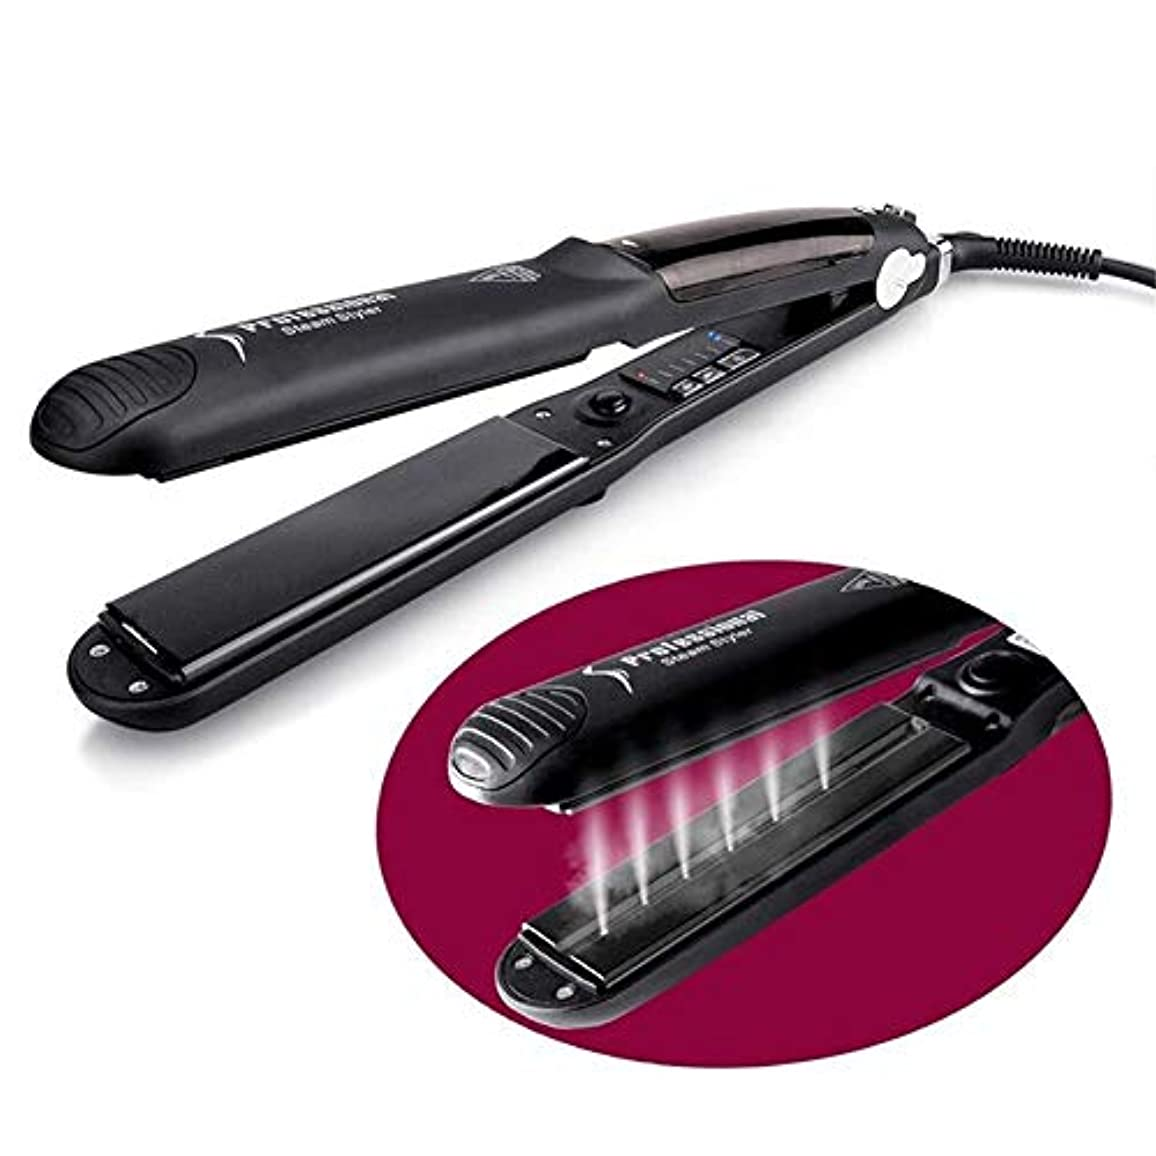 生きている状飽和する直毛毛ツール湿り蒸気可変モードトルマリン毛のストレートの6種類 b1120 (Color : -, Size : -)